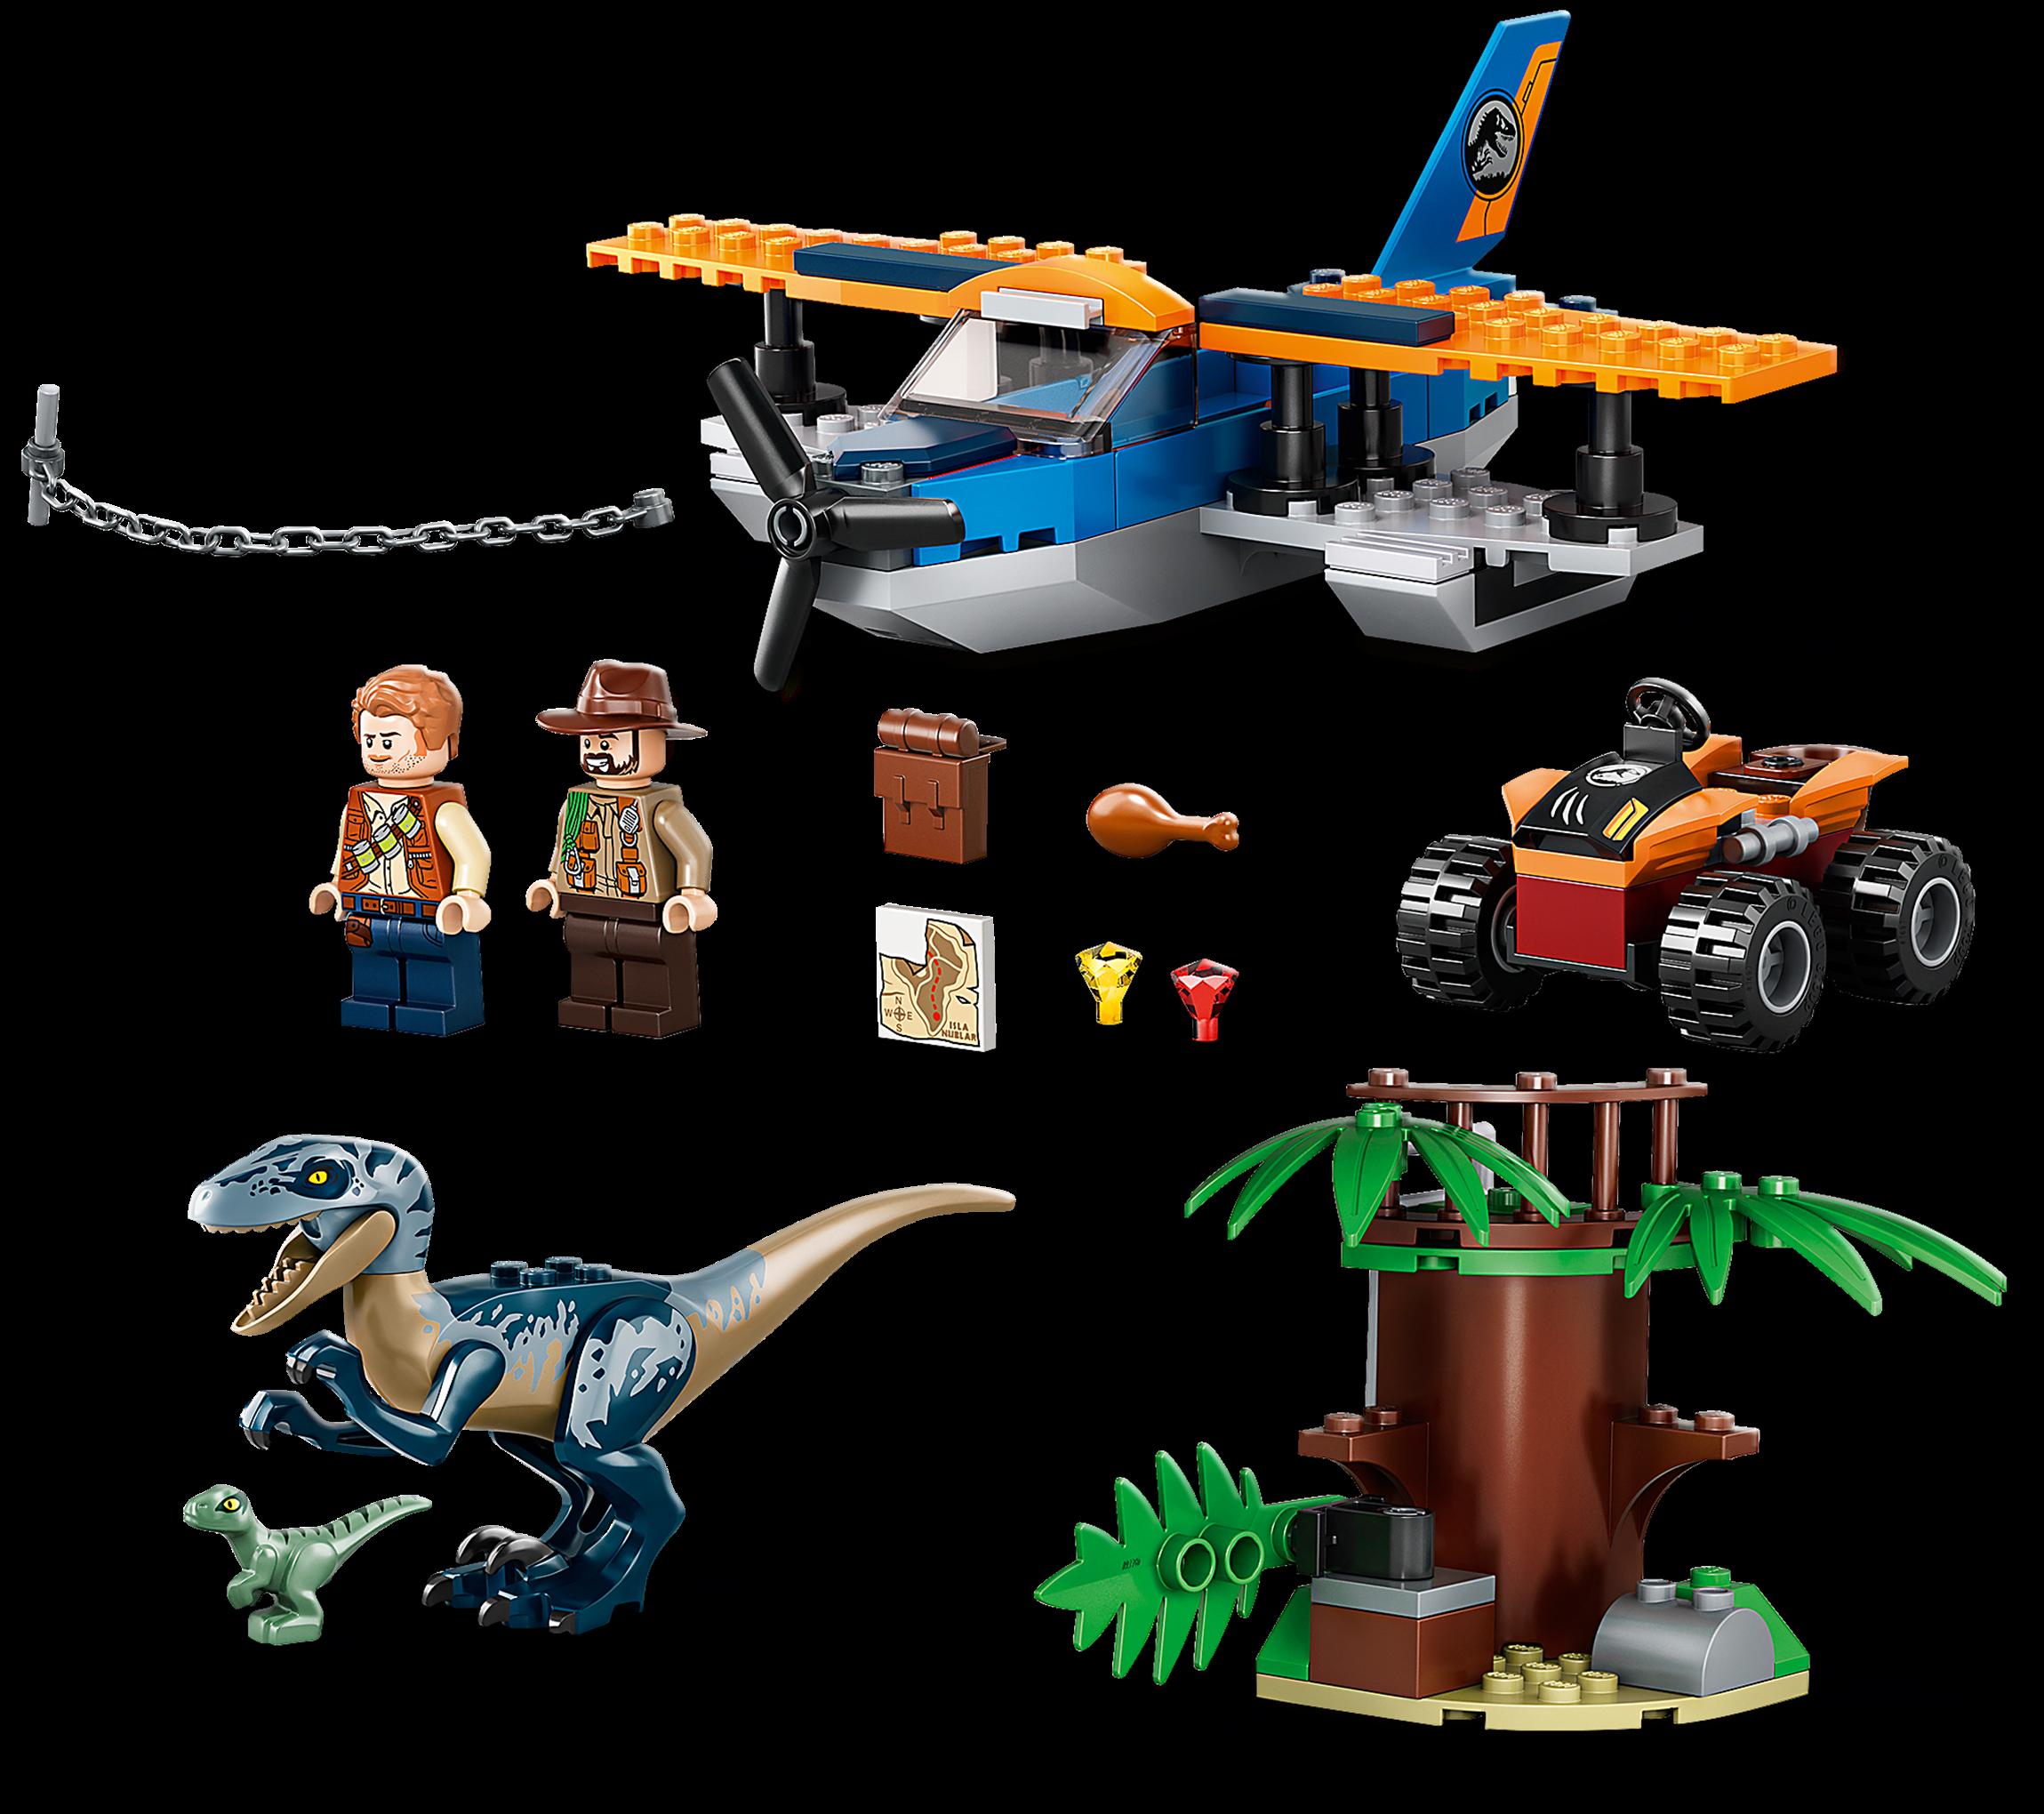 Velociraptor Biplane Rescue Mission